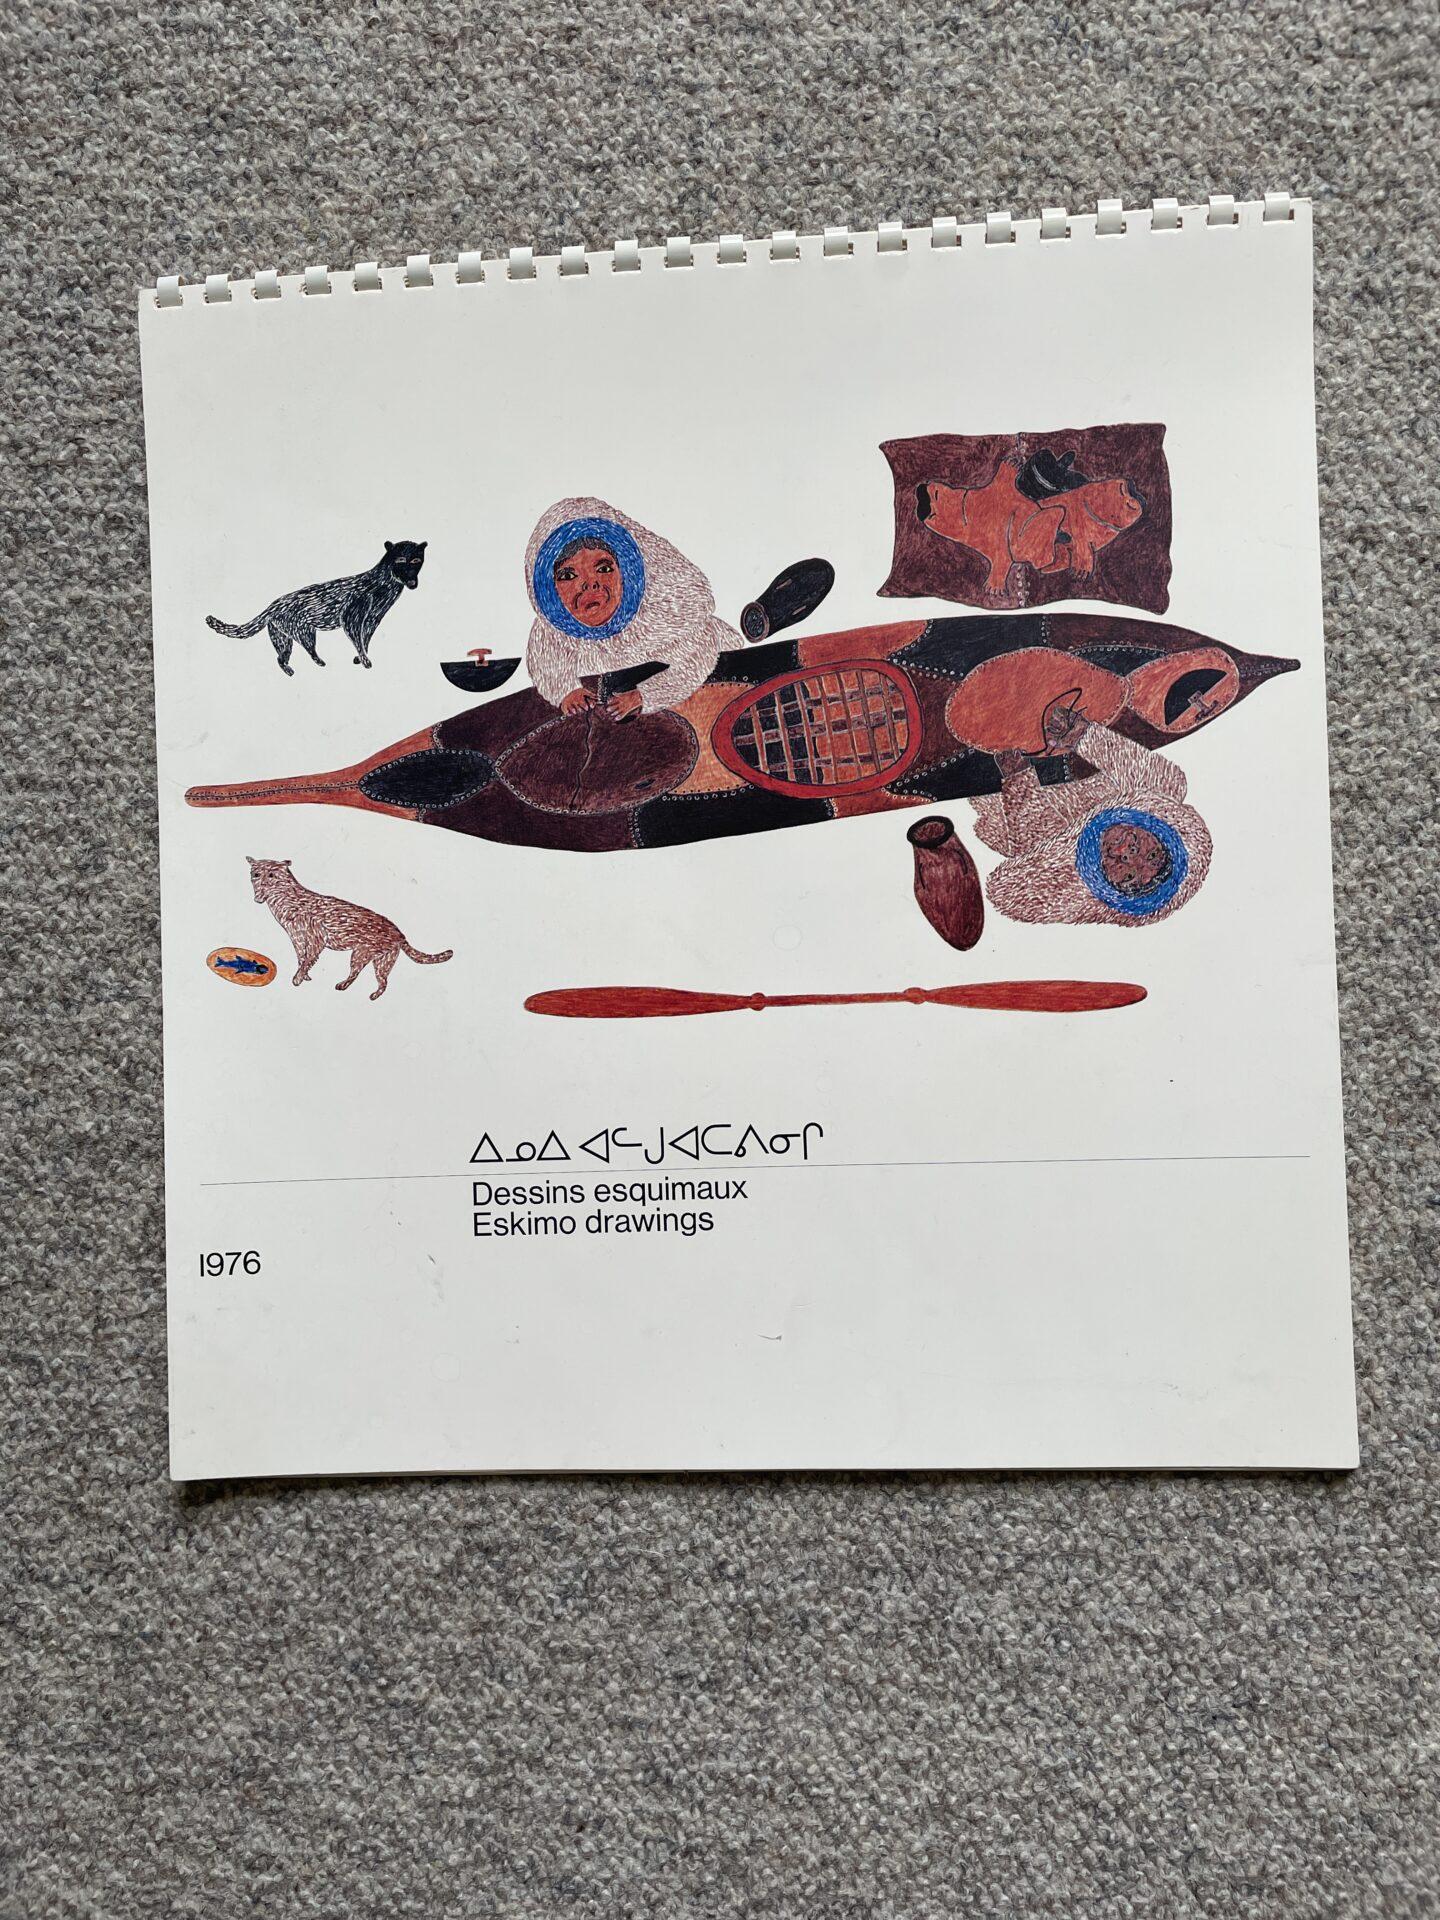 Kalender fra 1976, mes 12 stk navngivne og betitlede kunsttryk af Eskimo tegninger.